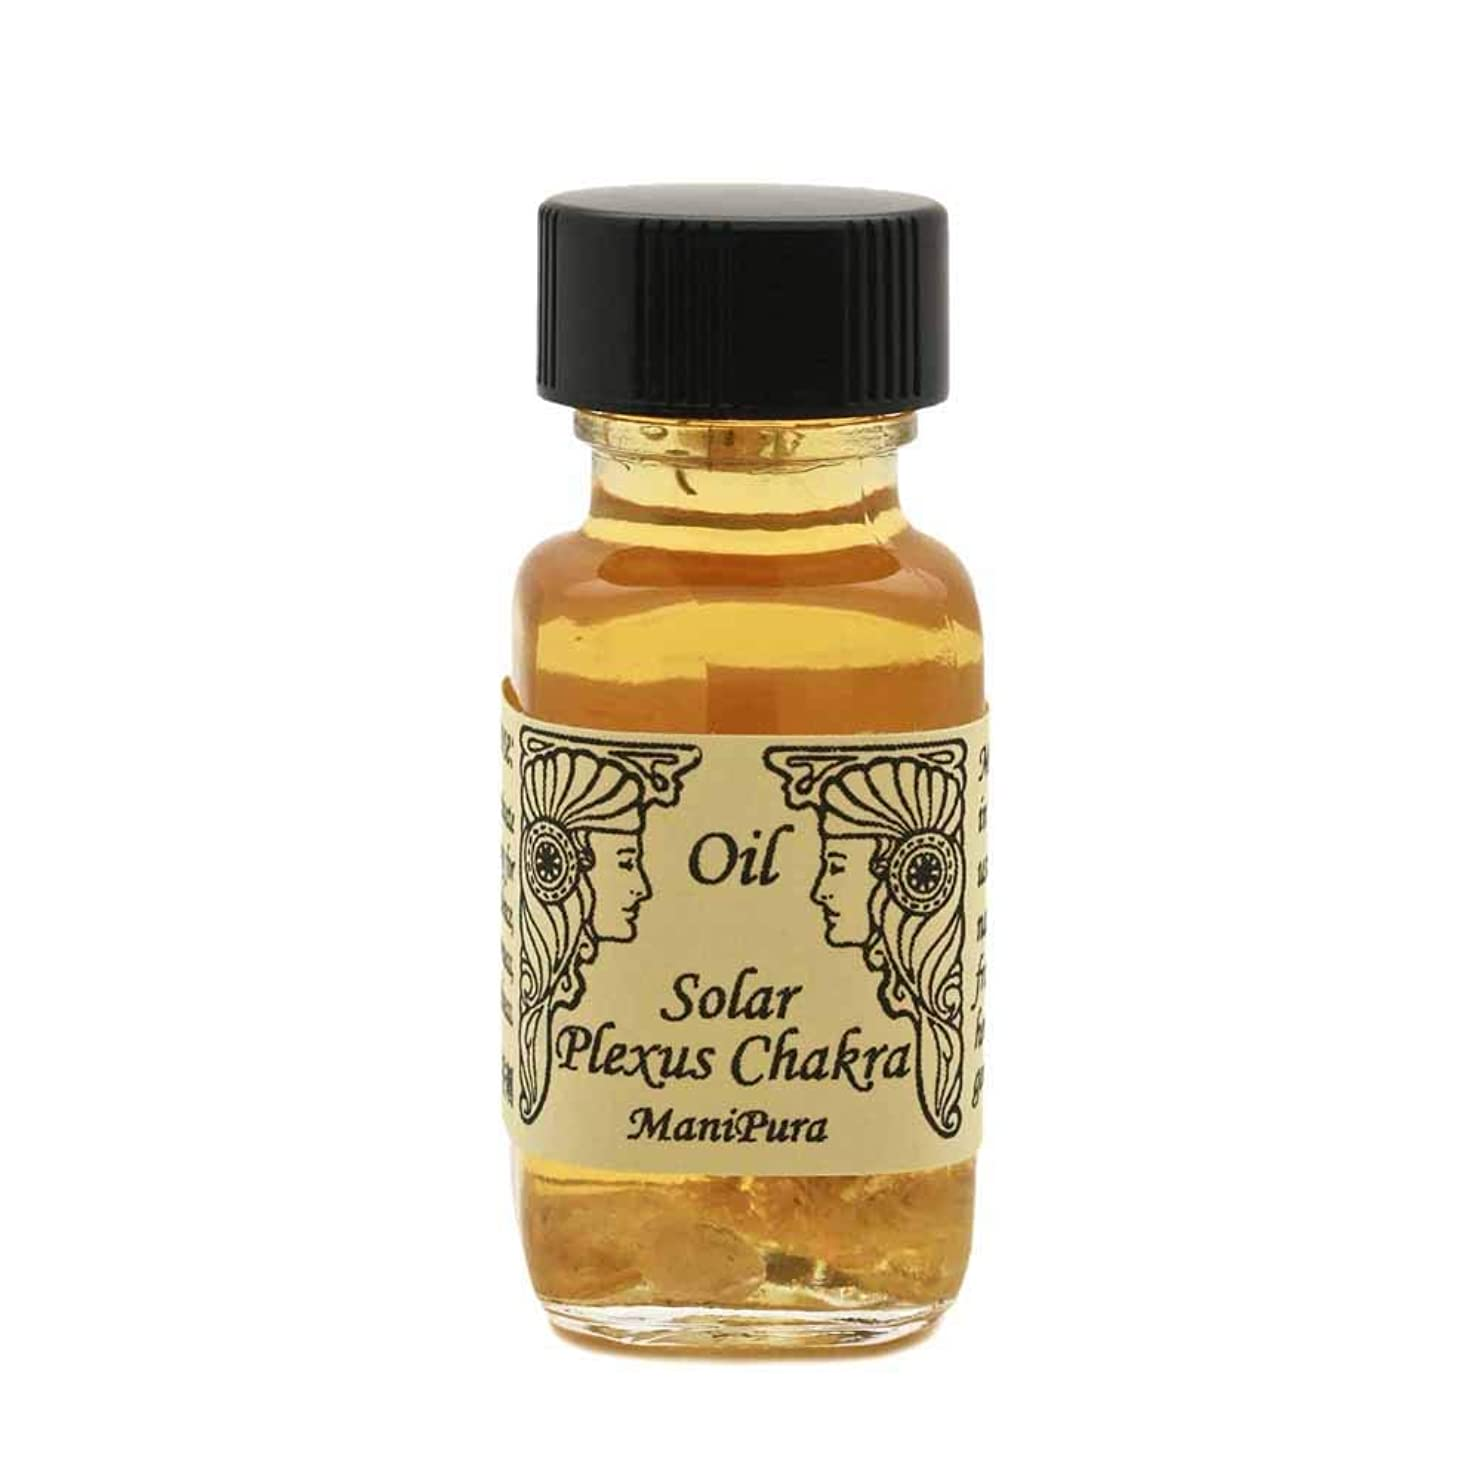 悪魔血統ブーストSEDONA Ancient Memory Oils セドナ アンシェントメモリーオイル Solar Plexus Chakra ソーラープレクサス チャクラ 15ml